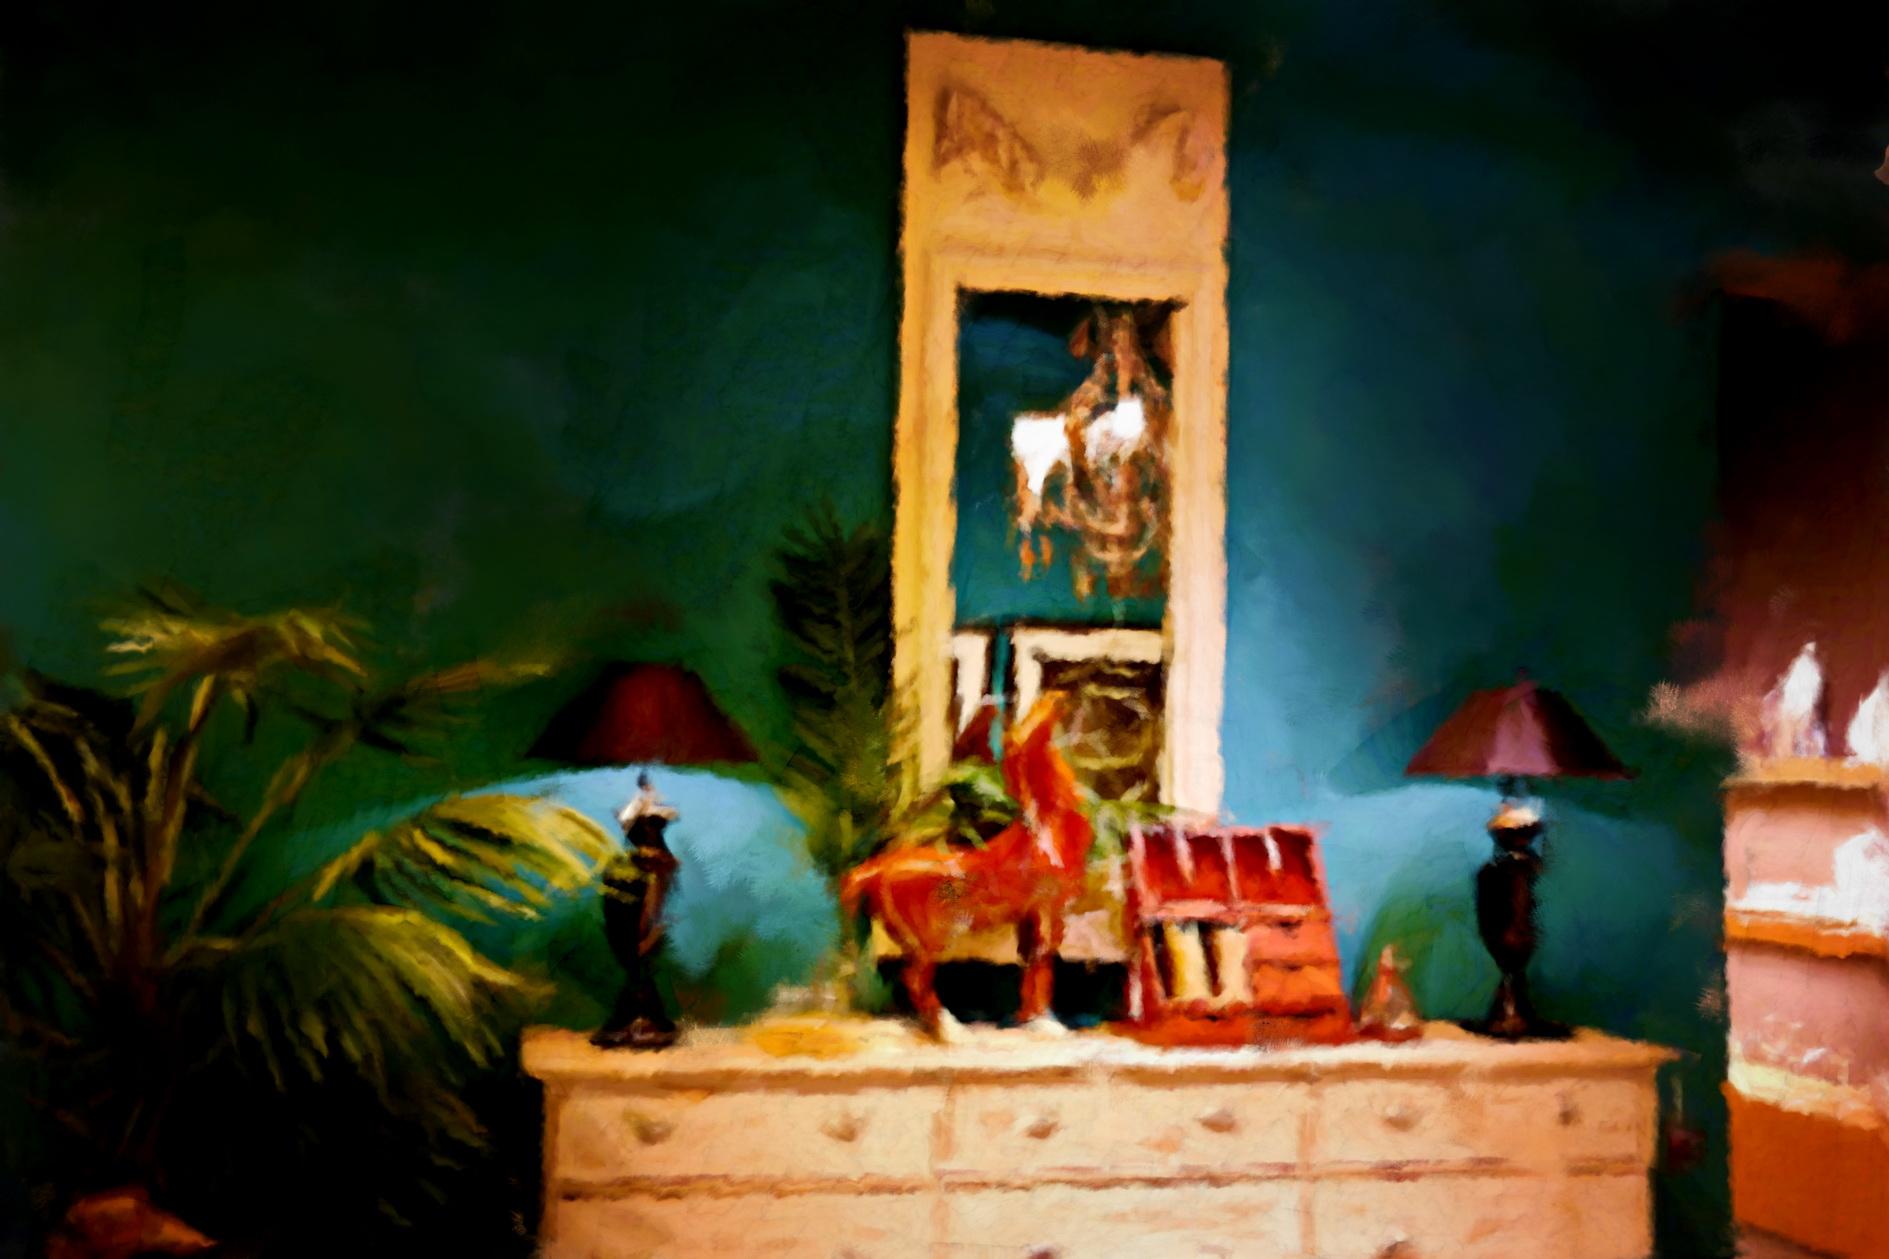 Ambiance Flamant Decoration, peinture de Laure Van De Meele